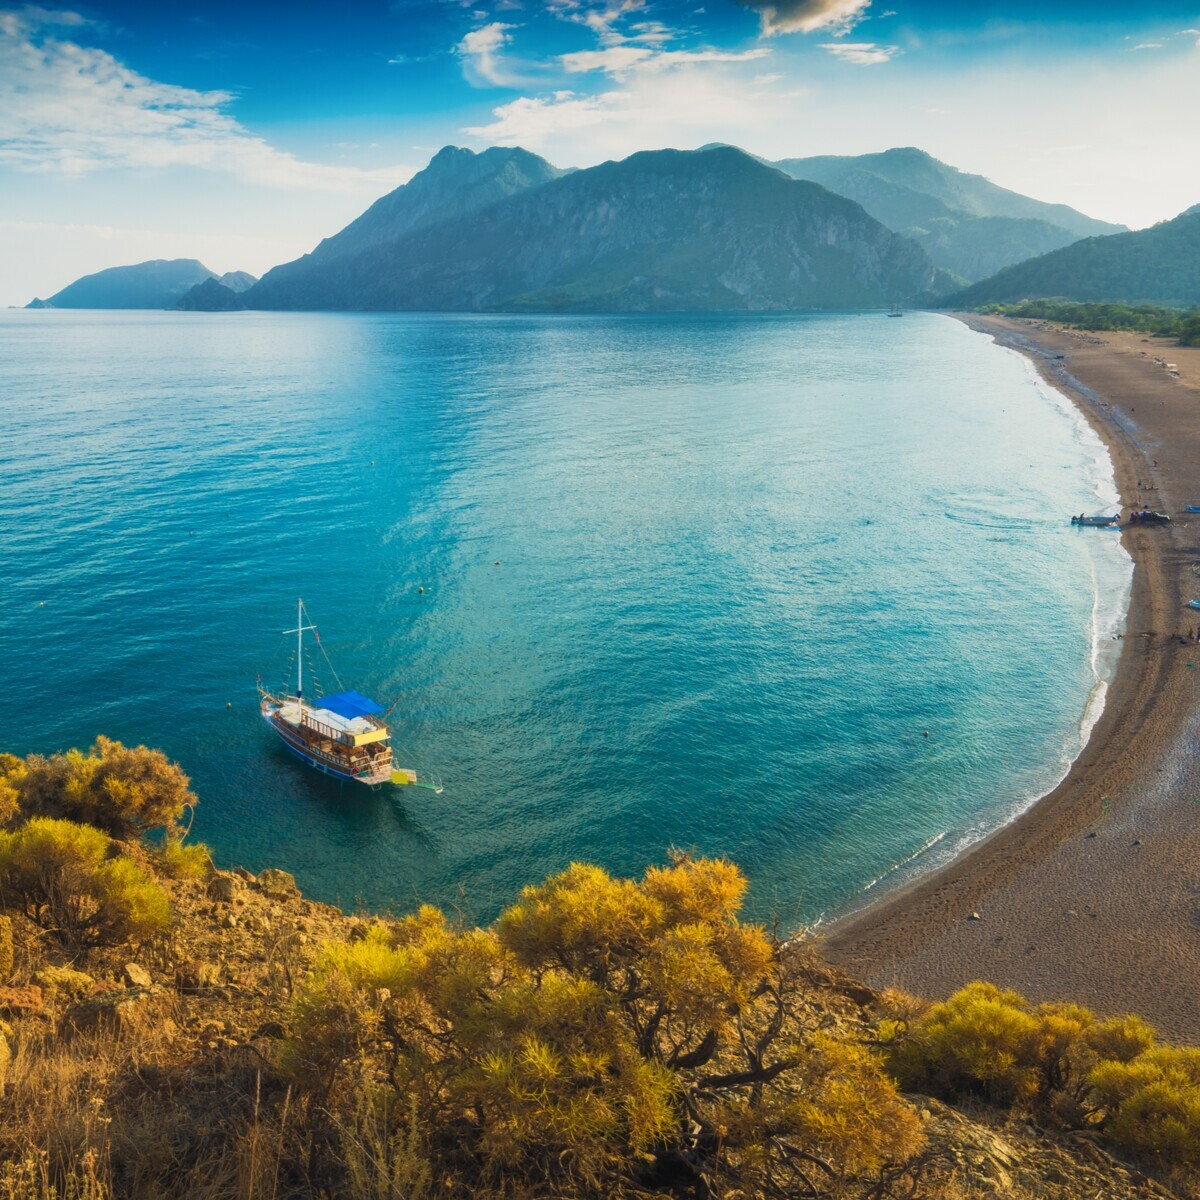 Her Hafta 4 Gece 5 Gün Antalya Kemer Olimpos Adrasan Salda Gölü Turu